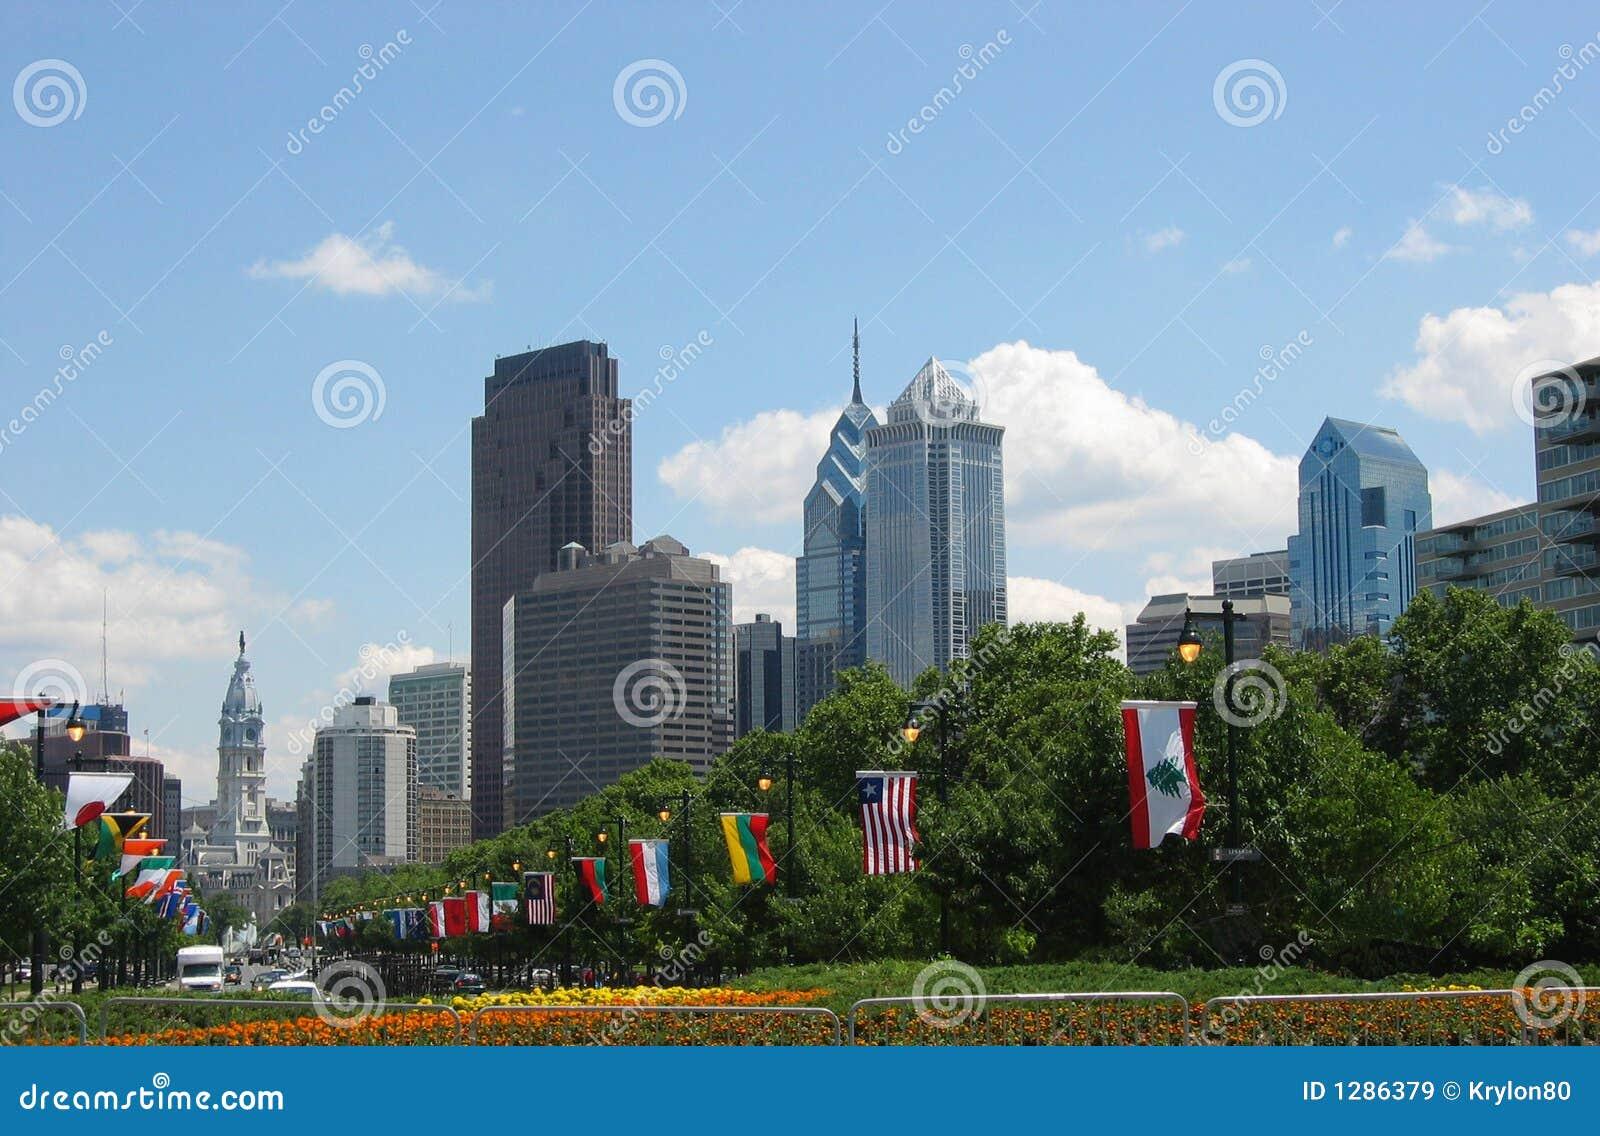 Philadelphia, Downtown 02